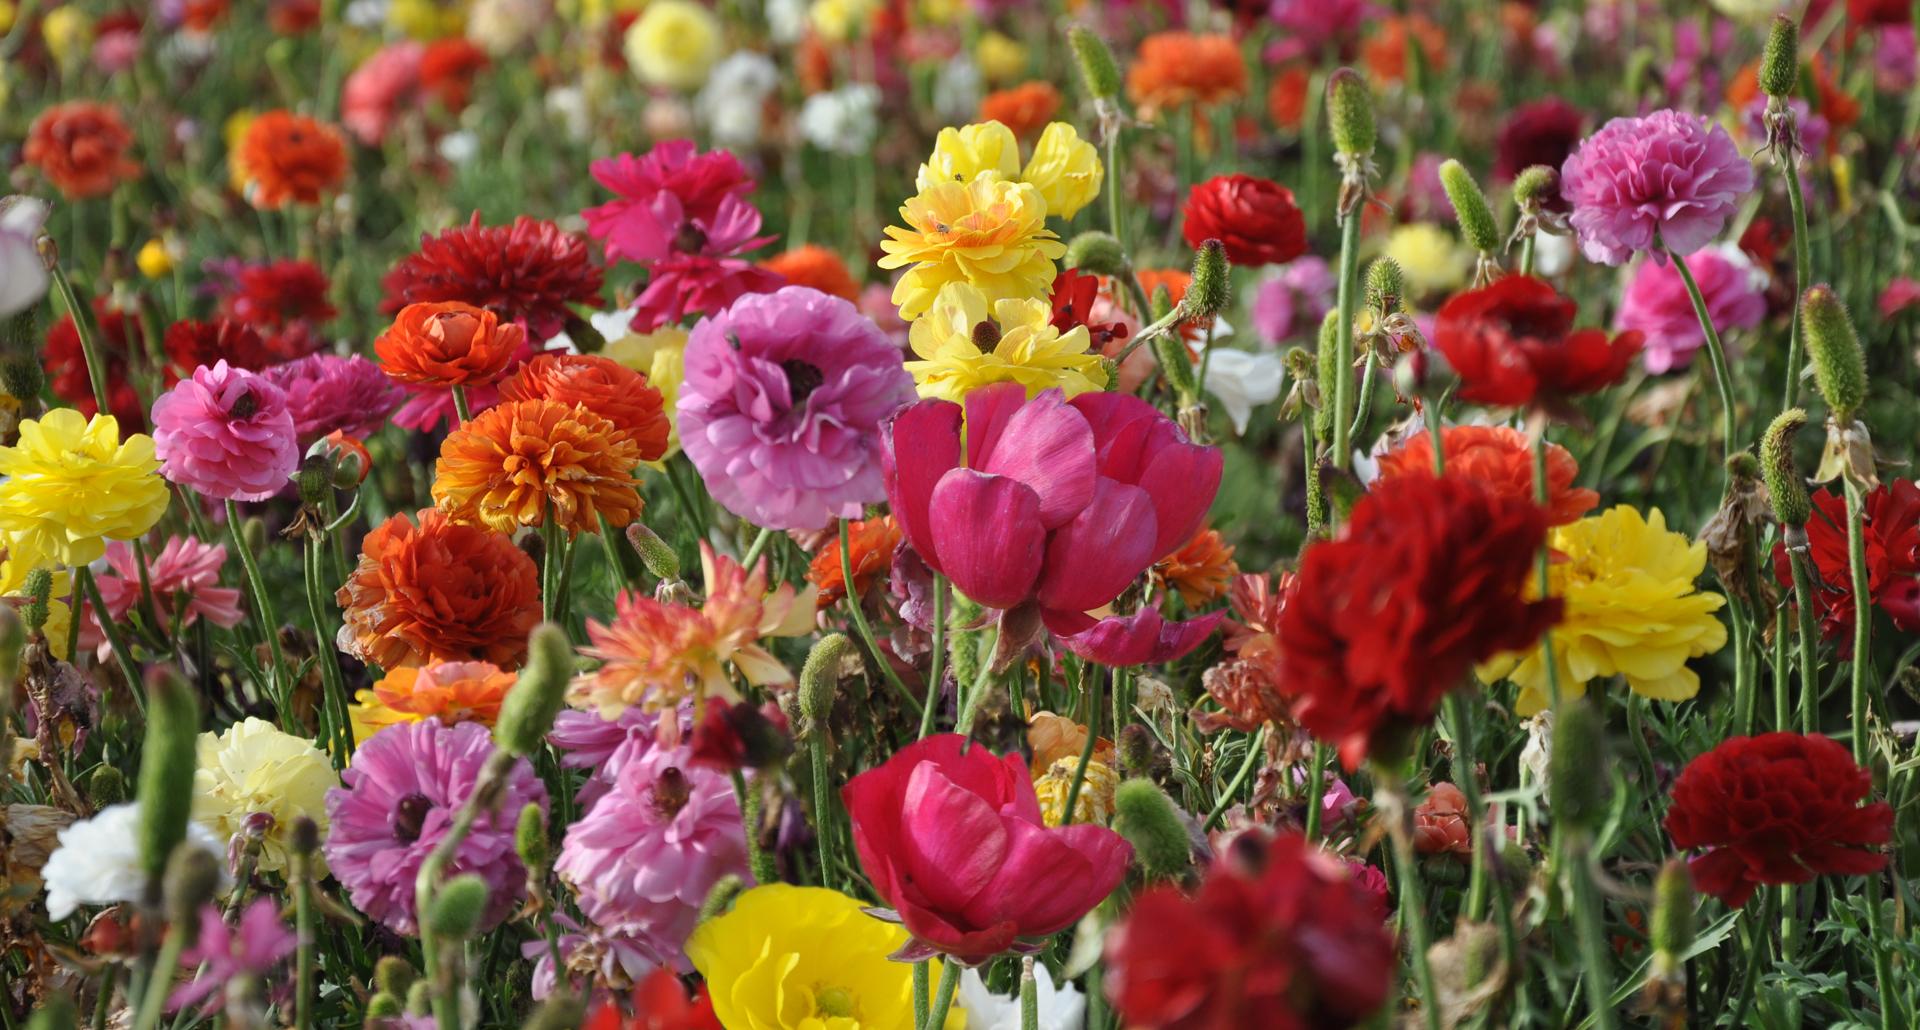 אביב - נוריות - יואל שתרוג - אדמה יוצרת - yoel sitruk